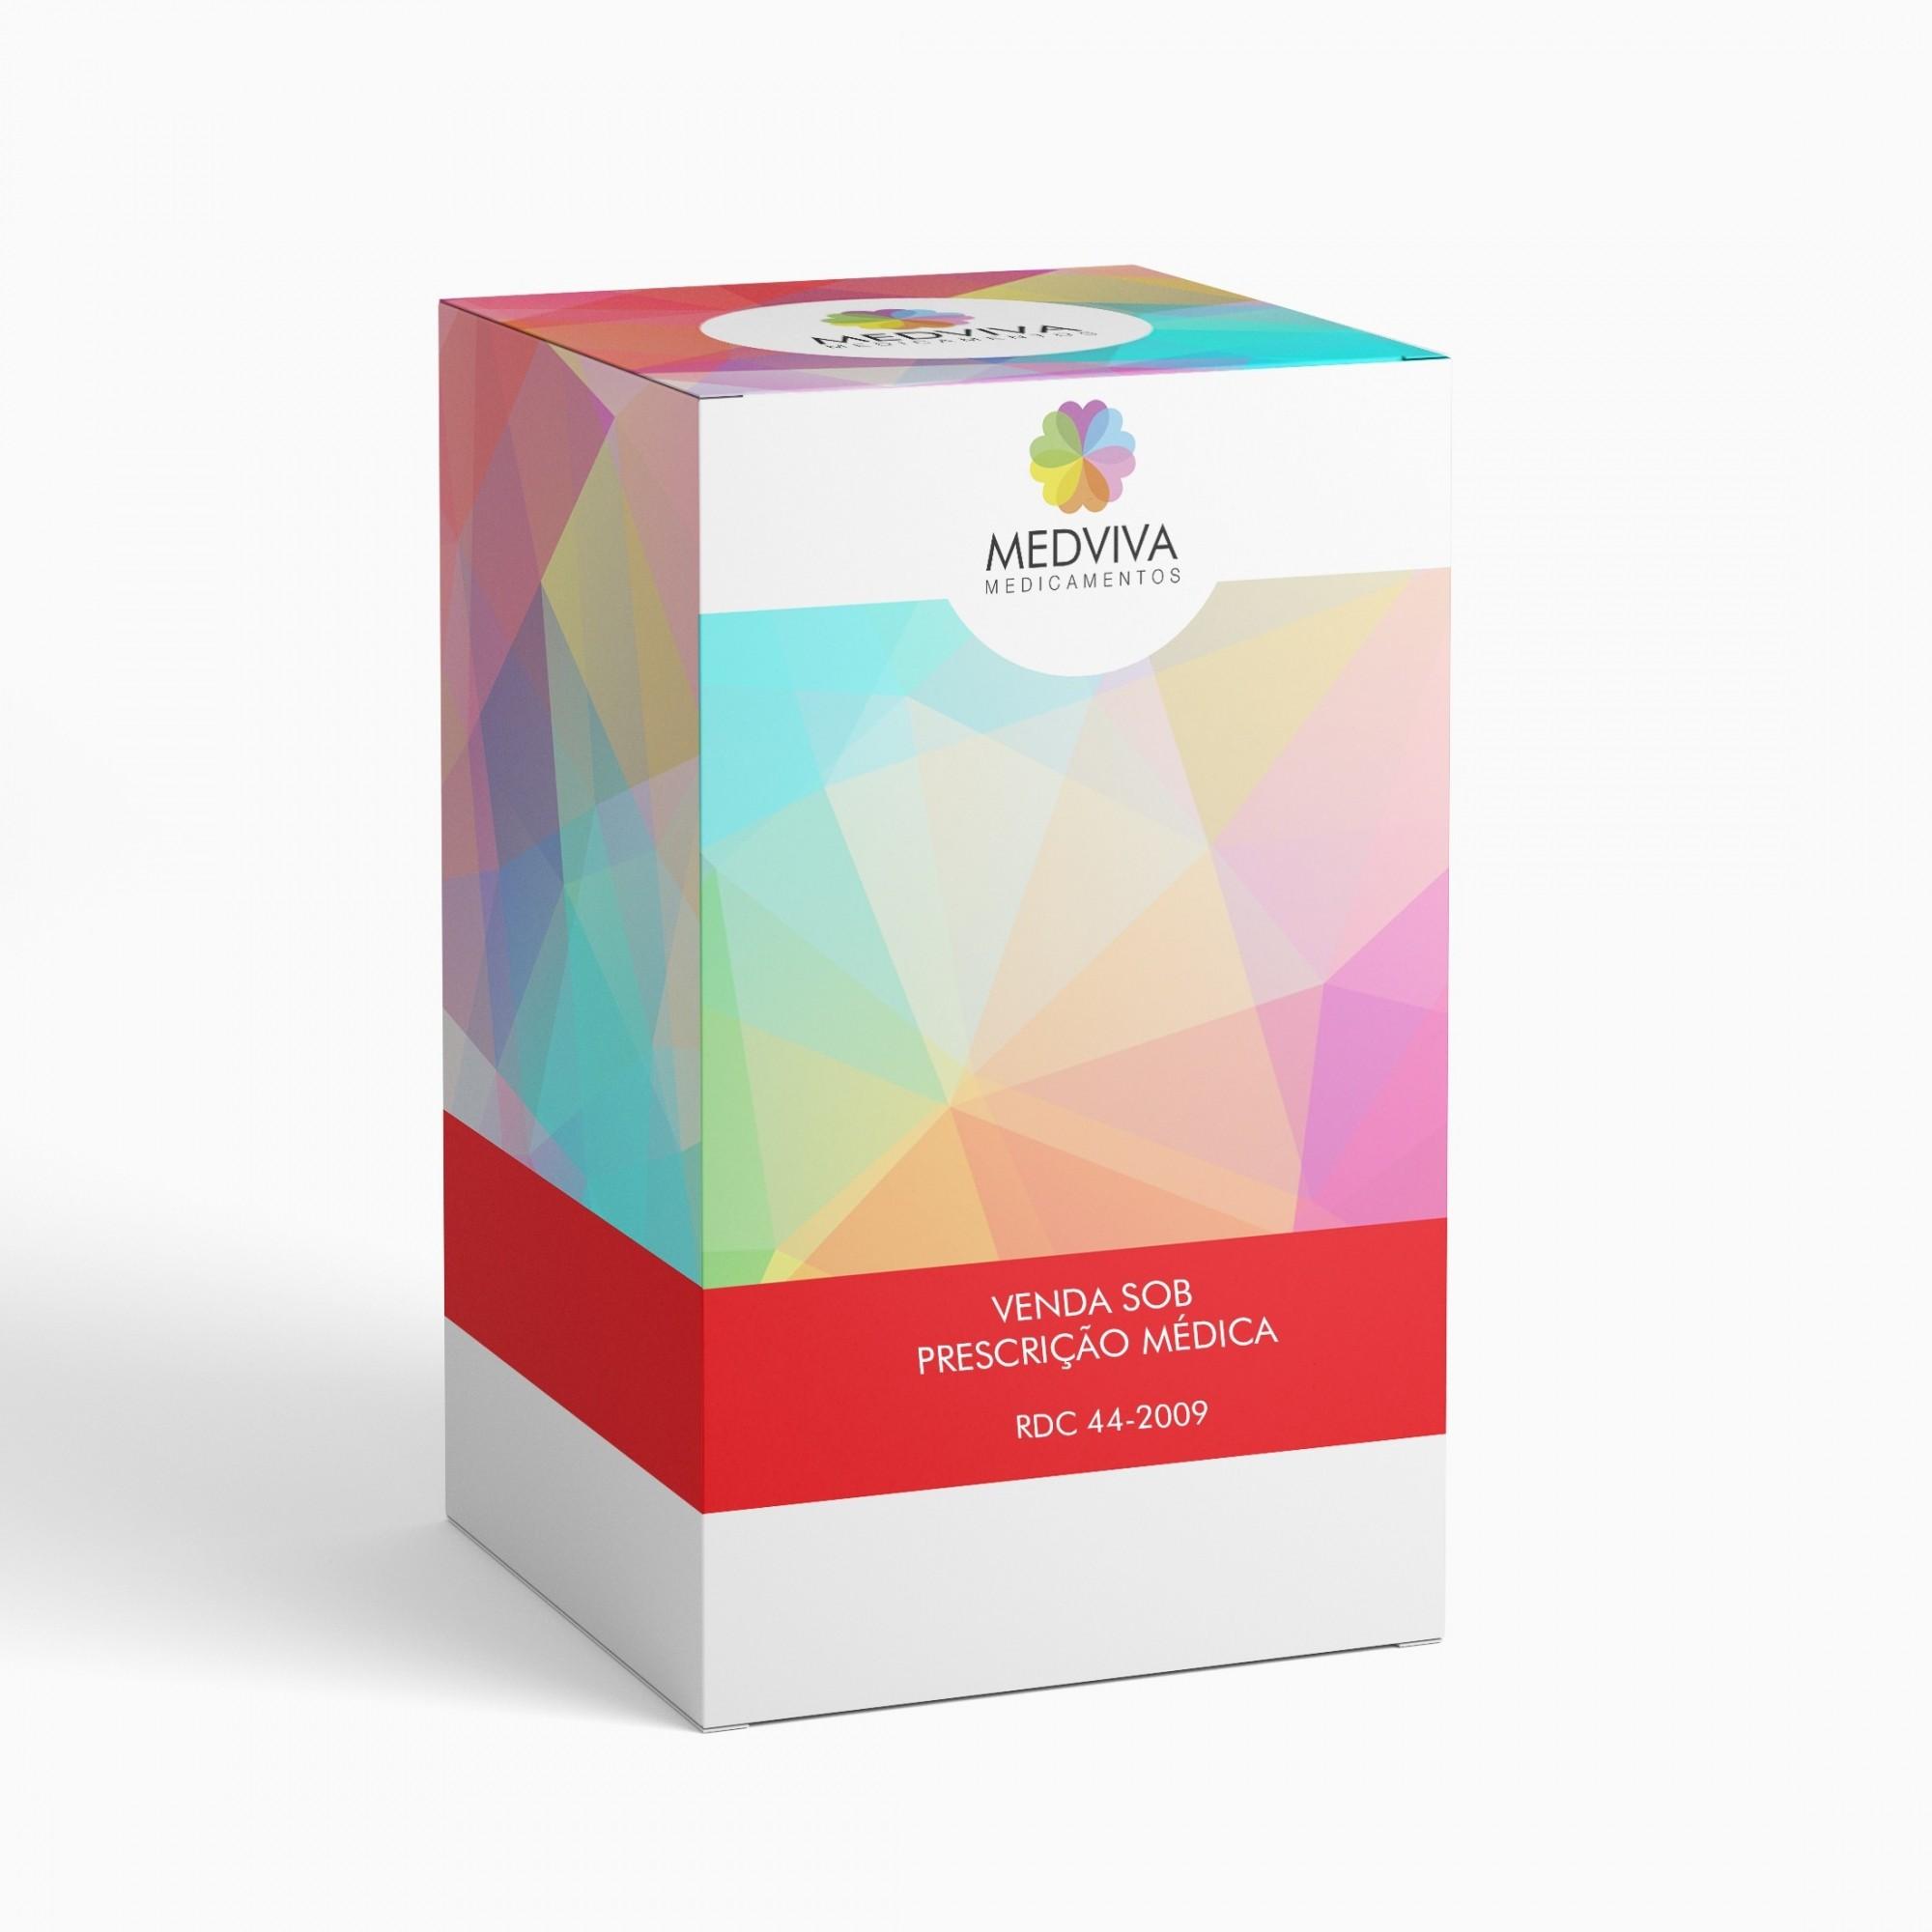 Algestona Acet+Enantato Estradiol EMS